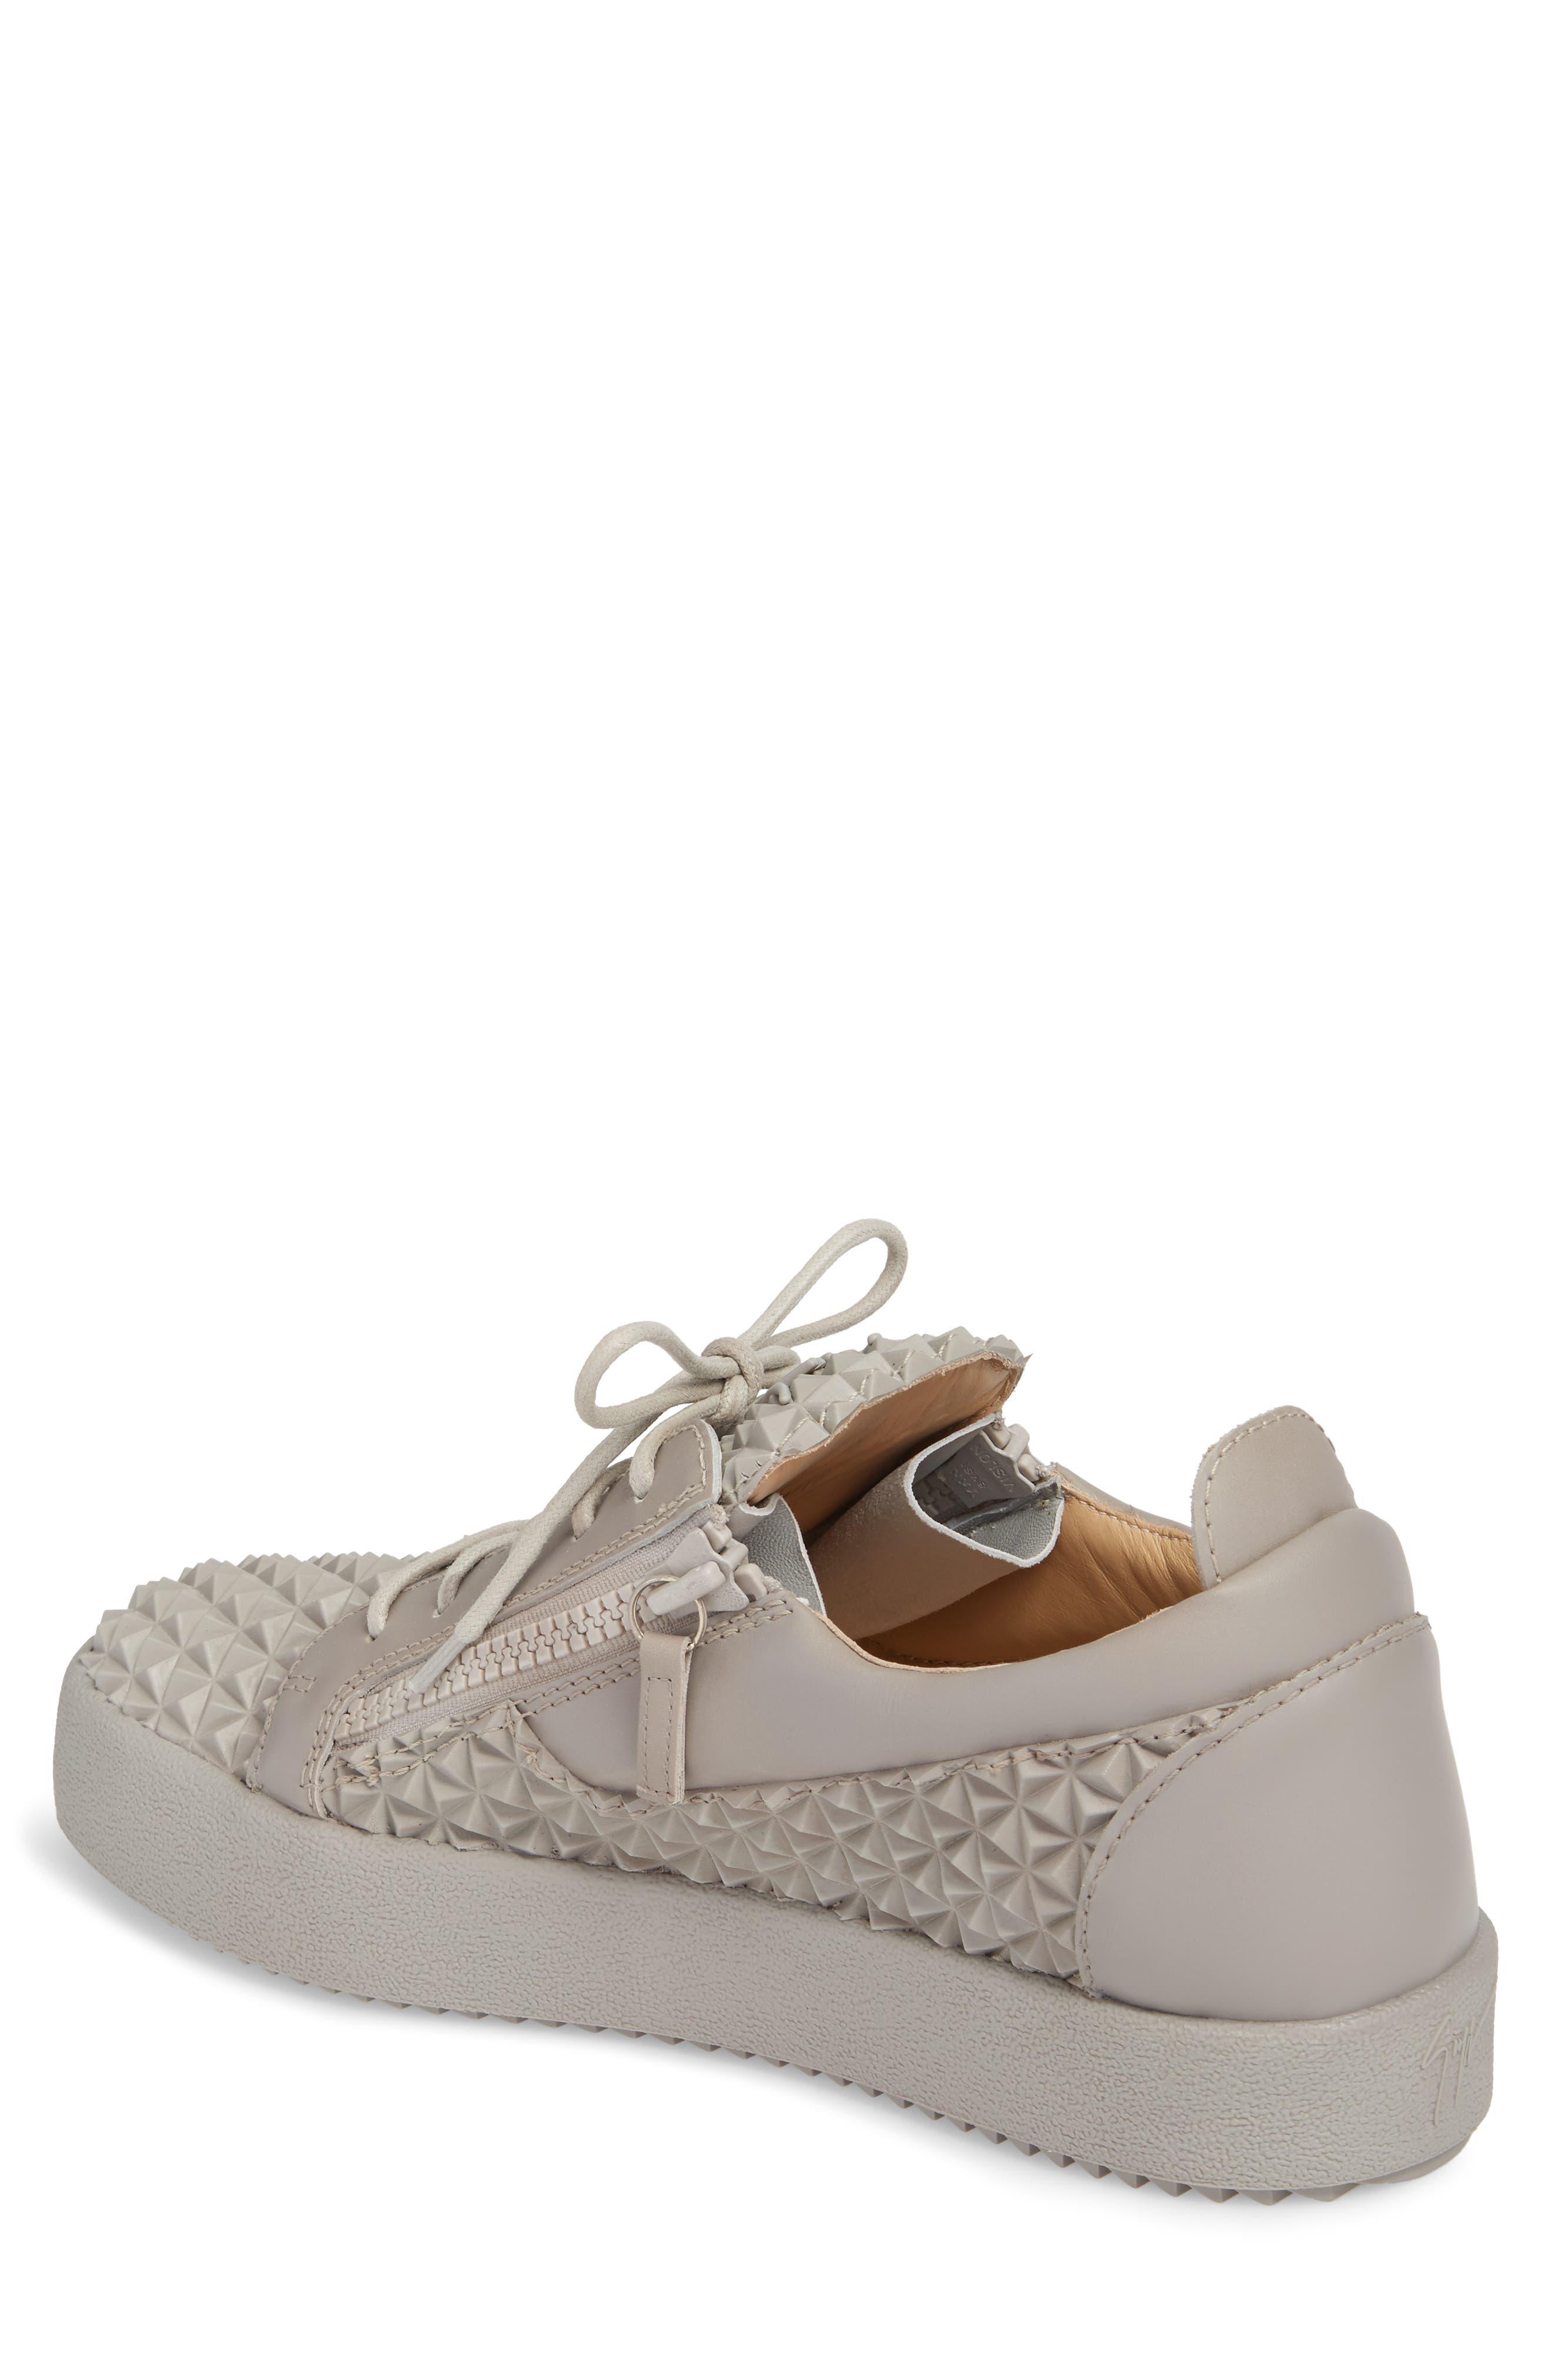 Low Top Sneaker,                             Alternate thumbnail 2, color,                             Grey